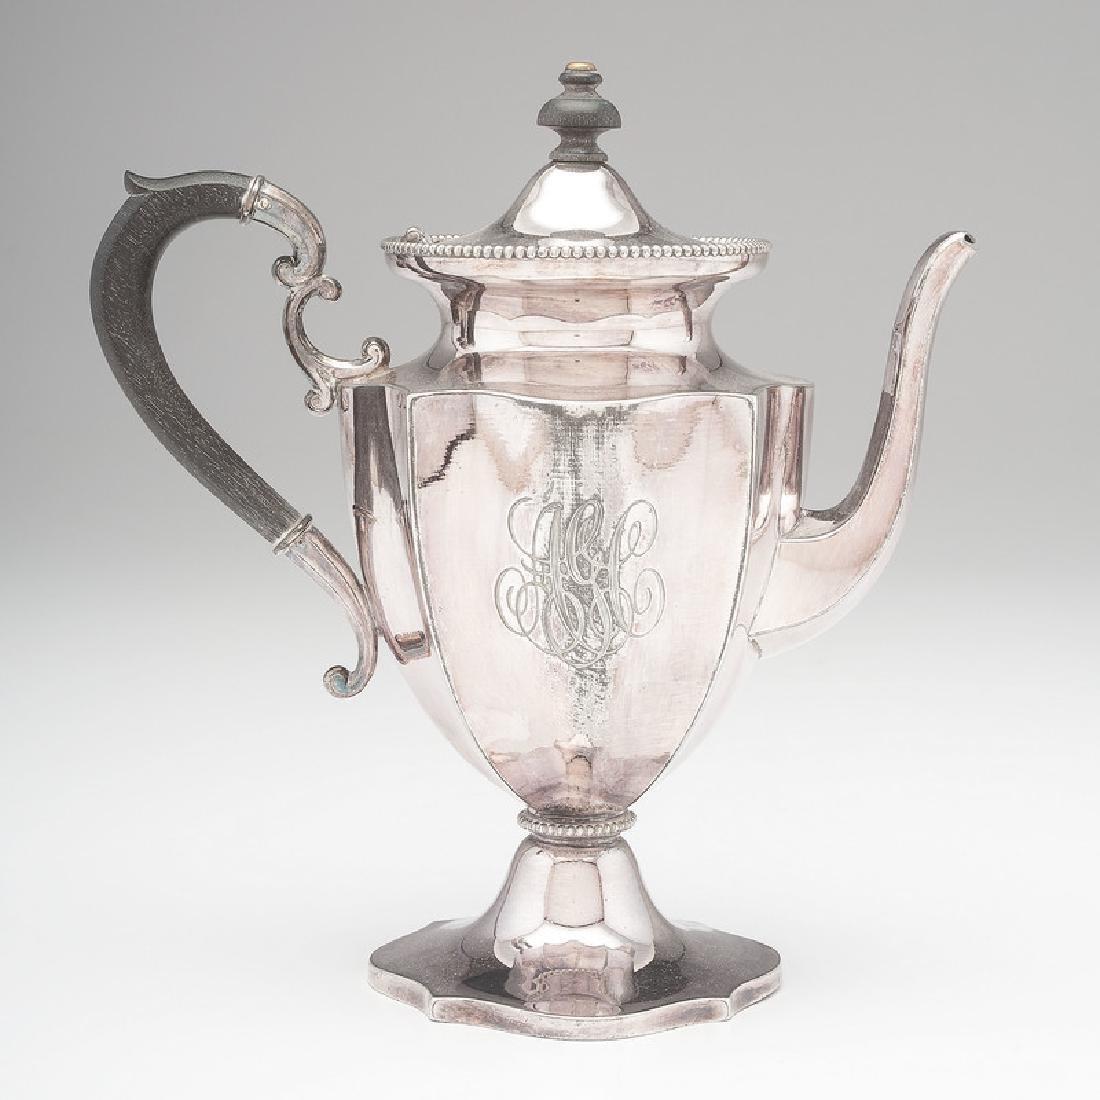 Derby Silver Co. Silverplate Tea Pot